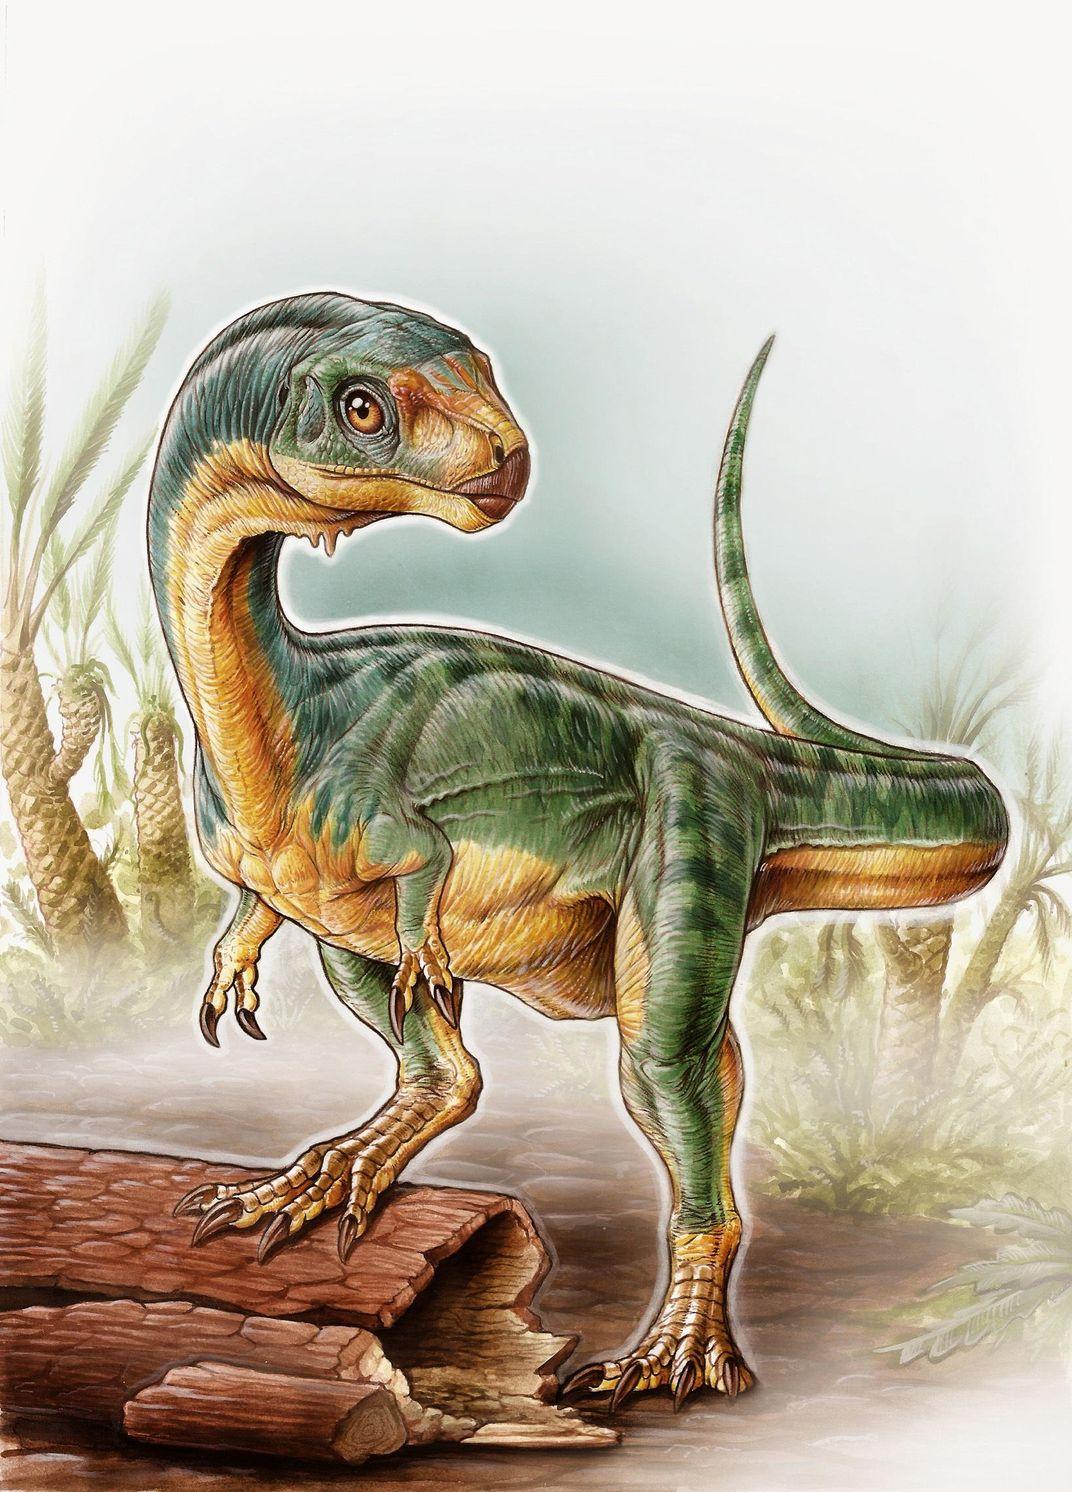 Meet Chilesaurus, a New Raptor-Like Dinosaur With a Vegetarian Diet